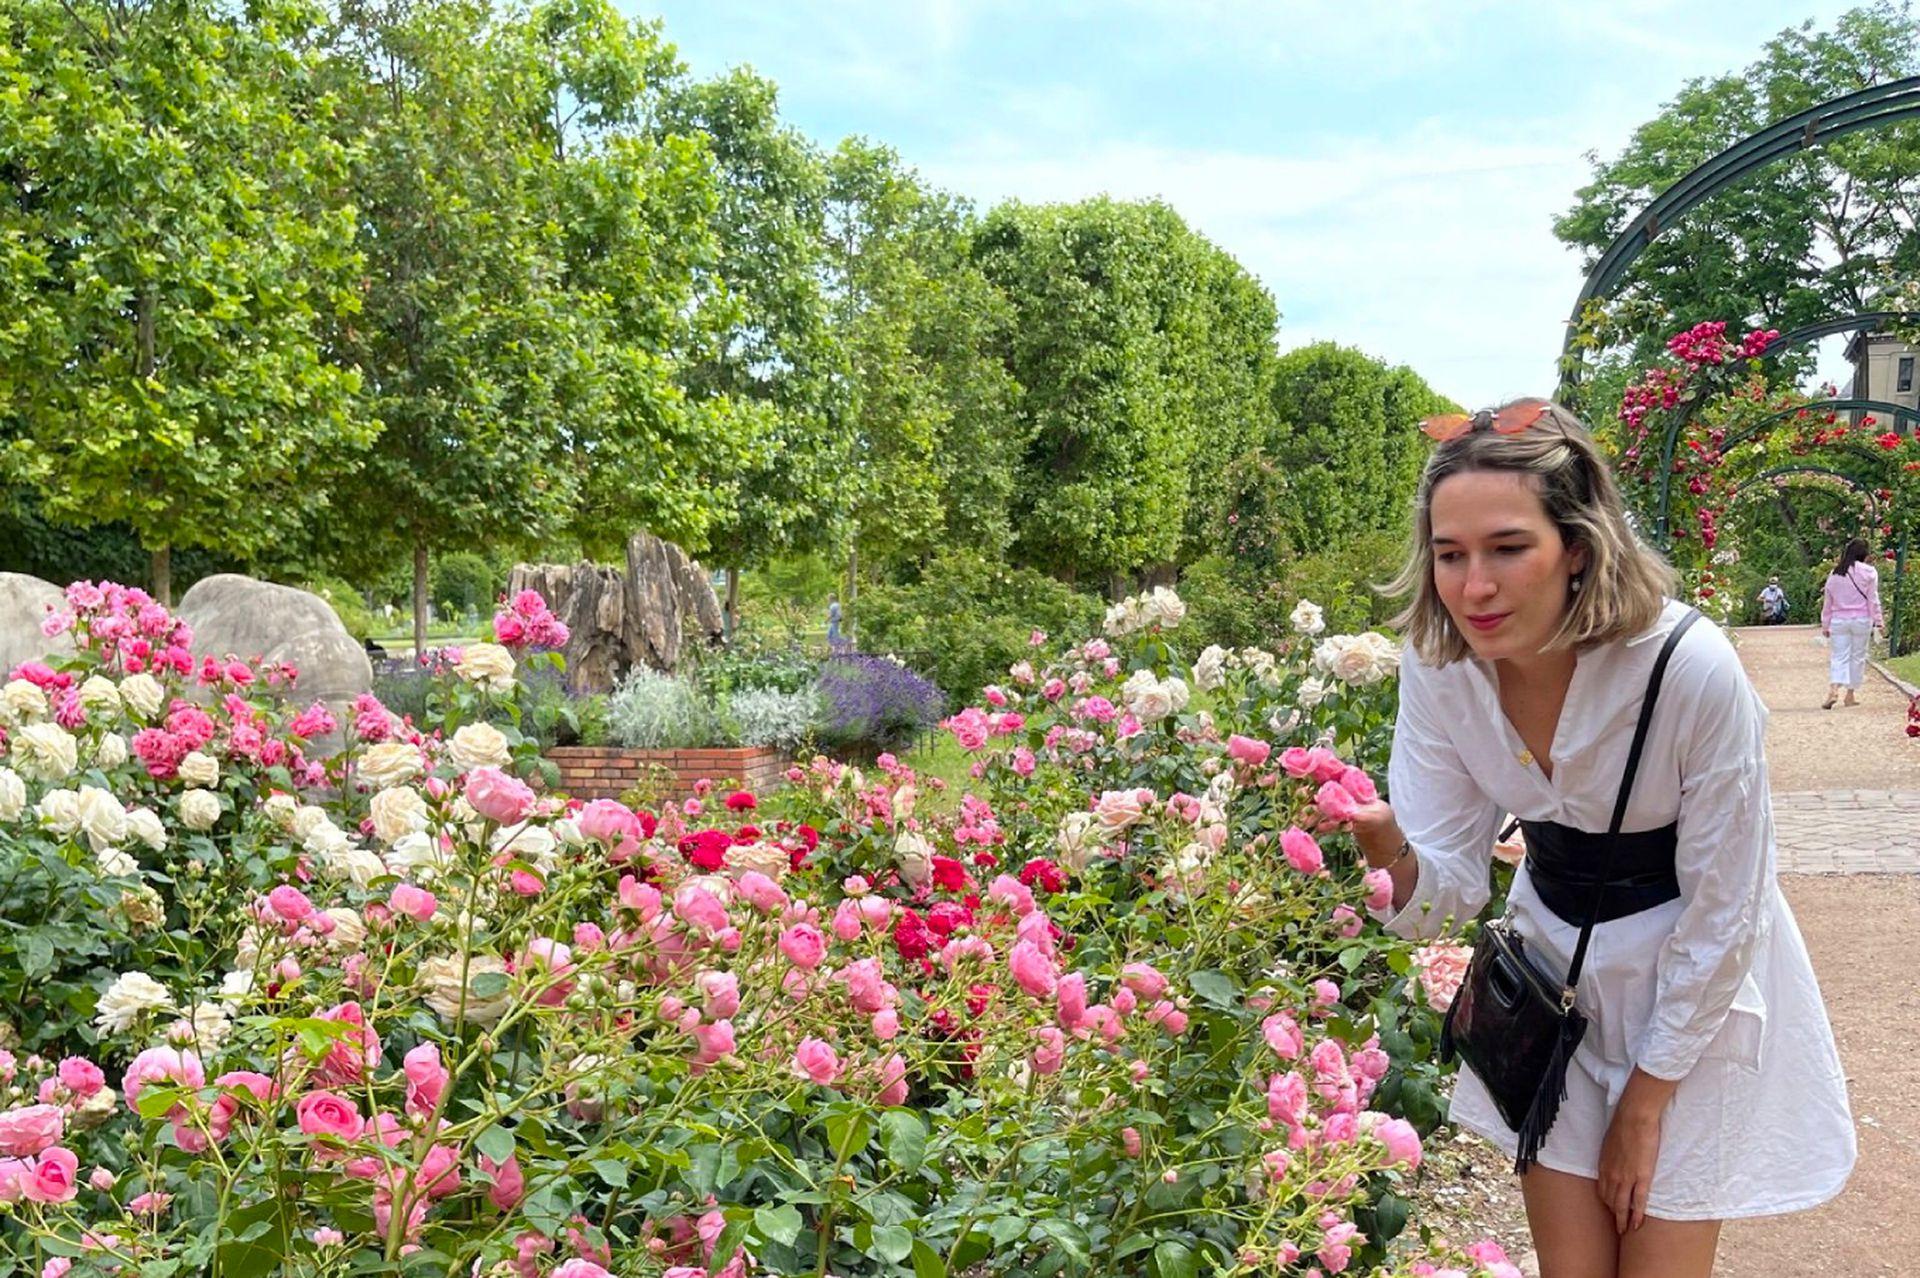 Emilia en el Jardín de Luxemburgo, París, Francia.